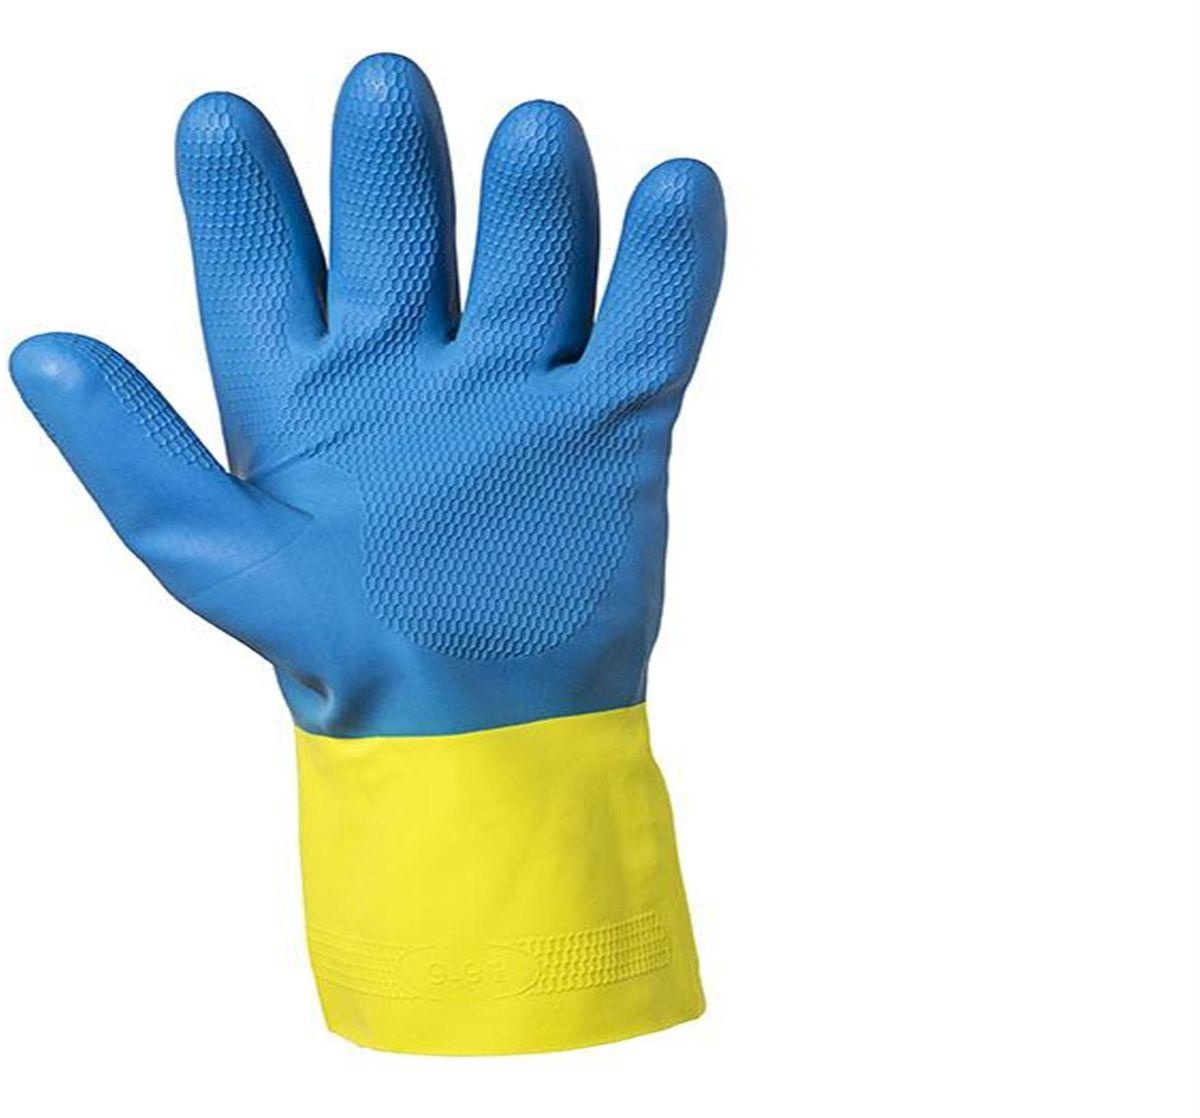 Перчатки хозяйственные Jackson Safety G80, цвет: желтый, голубой. Размер 7 (S). 3874138741Защитные перчатки JACKSON SAFETY® G80 латекс/неопрен для защиты от химических веществ подходят для целого спектра областей применения: обеспечивают надежную защиту от воздействия химических веществ. Относятся к СИЗ категории III (CE Complex), а также обеспечивают защиту от механического воздействия в тех областях, где работают с химическими веществами, маслами, густыми смазками, кислотами, каустическими средствами или растворителями. Разрешен контакт с пищевыми продуктами. Поставляются в виде пары перчаток с индивидуальным дизайном для левой и правой руки; толщина 0,70 мм; имеют неопреновое покрытие поверх латекса для обеспечения максимальной защиты, а также для улучшения гибкости материала. Удлиненные манжеты, текстурированный материал в области ладони обеспечивает отличный захват при работе сухими/влажными поверхностями; хлопковое напыление на внутренней стороне перчатки обеспечивает легкость при надевании/снятии перчатки, а также комфорт при длительном использовании. Хлорированы...